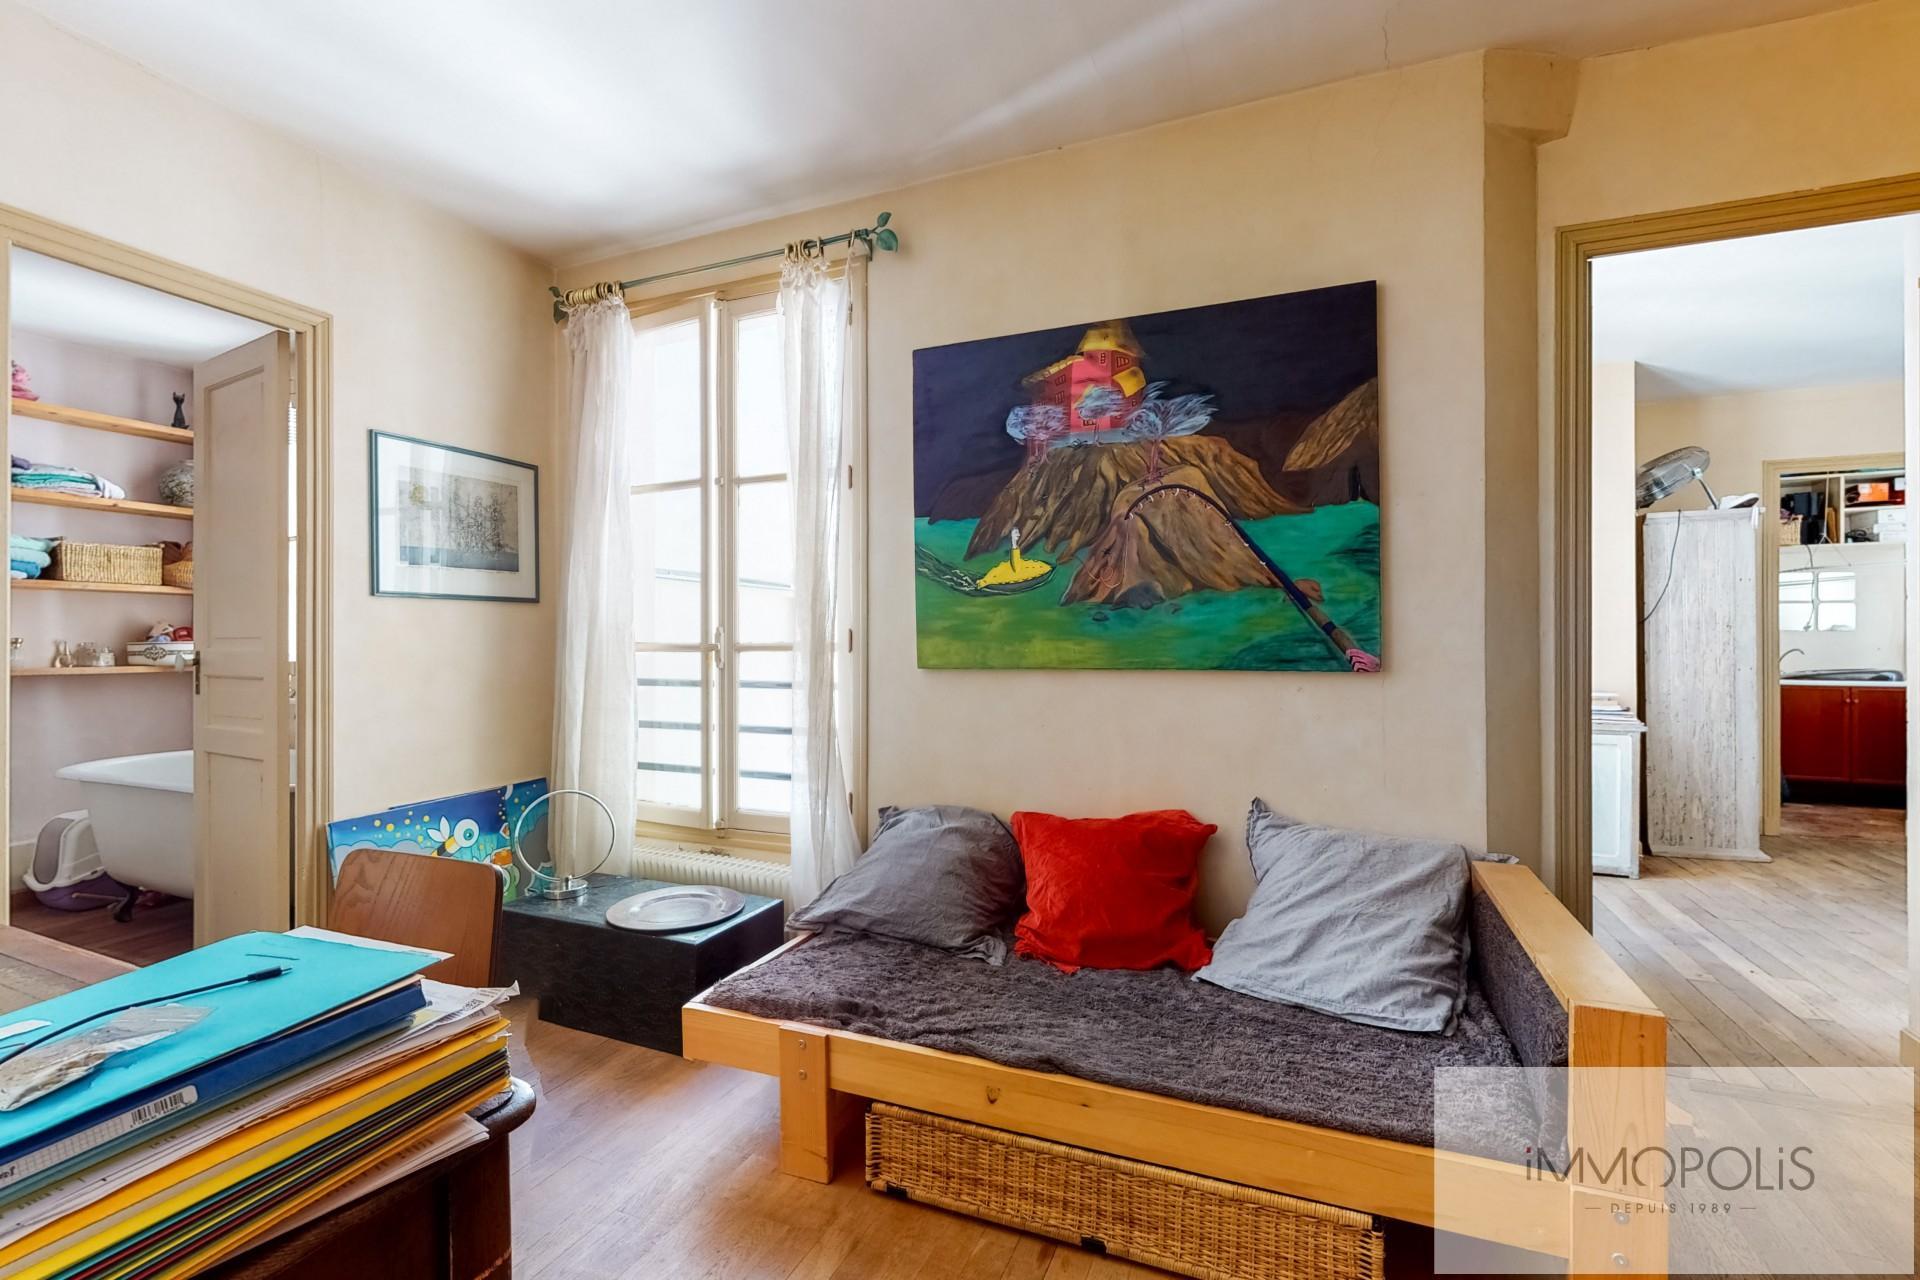 Appartement atypique à rénover, plein de charme, Rue Richard Lenoir – Paris XIème. 8